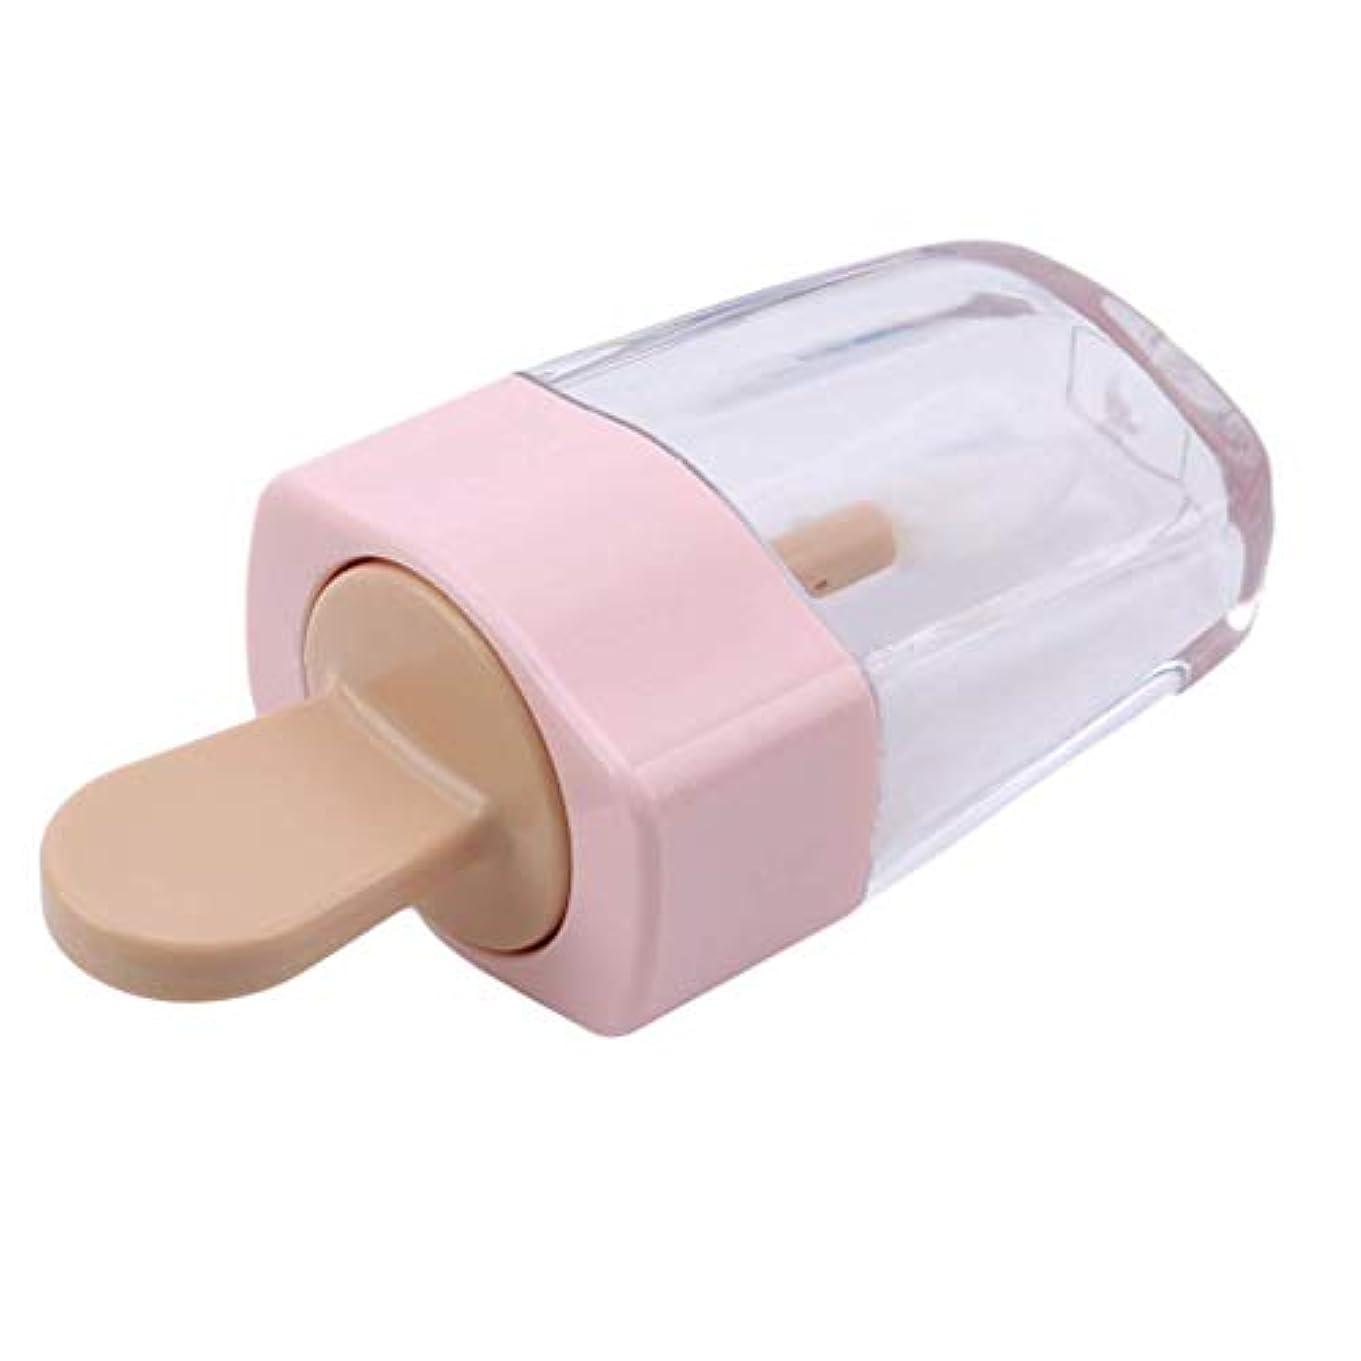 娘十年デコラティブ1st market 空のリップグロスチューブ容器クリームジャーdiyメイクアップツール透明リップクリーム詰め替えボトル、ピンク高品質